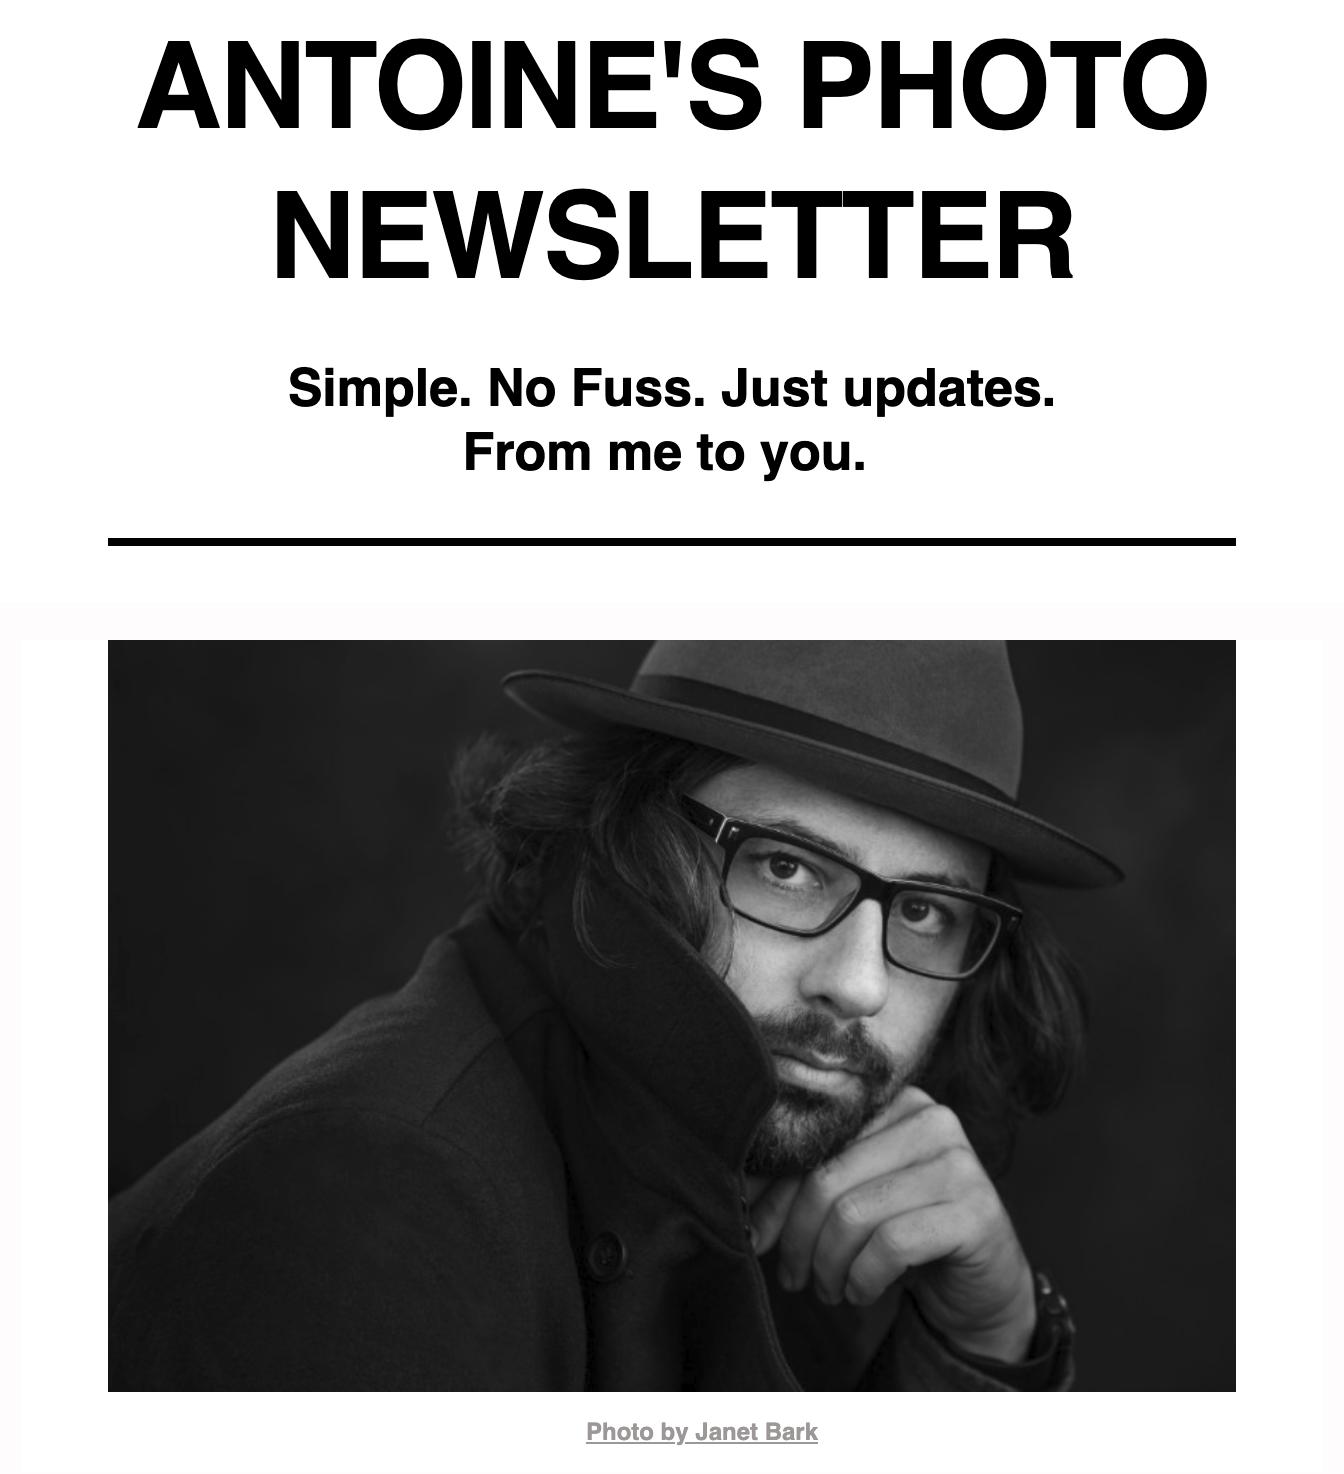 Antoine's newsletter